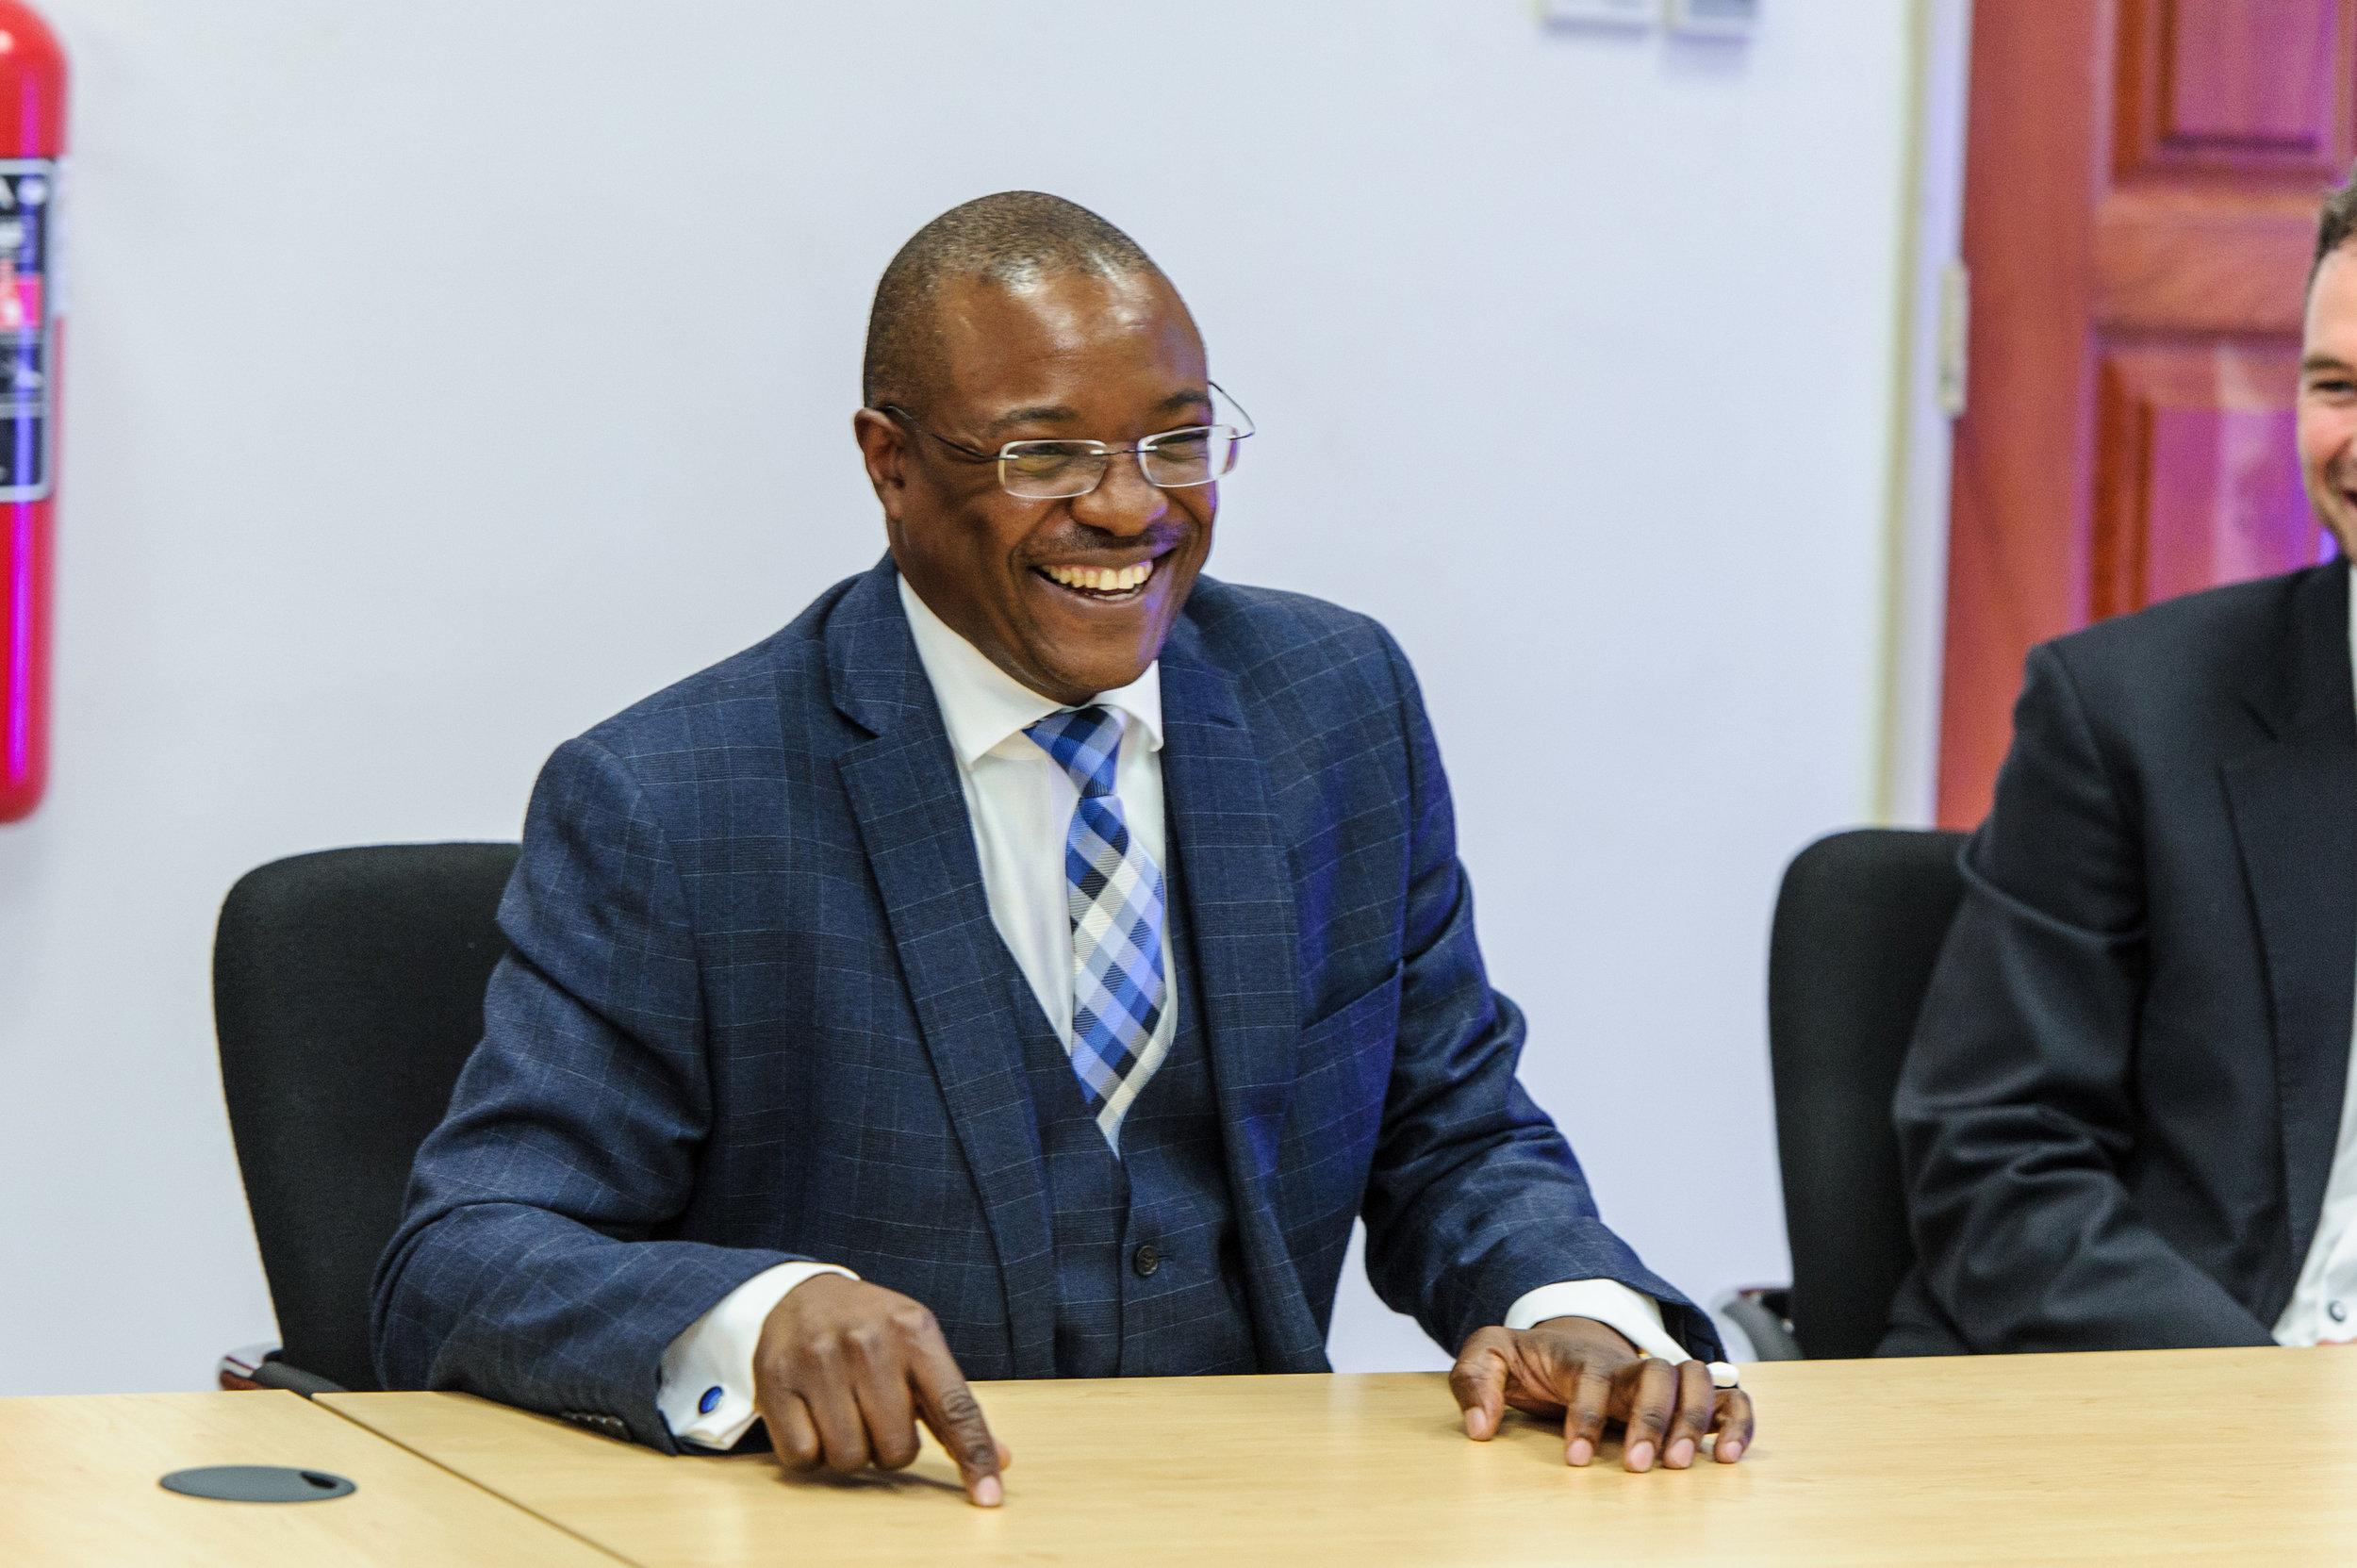 Jason Kazilimani, CEO and Senior Partner, KPMG Zambia